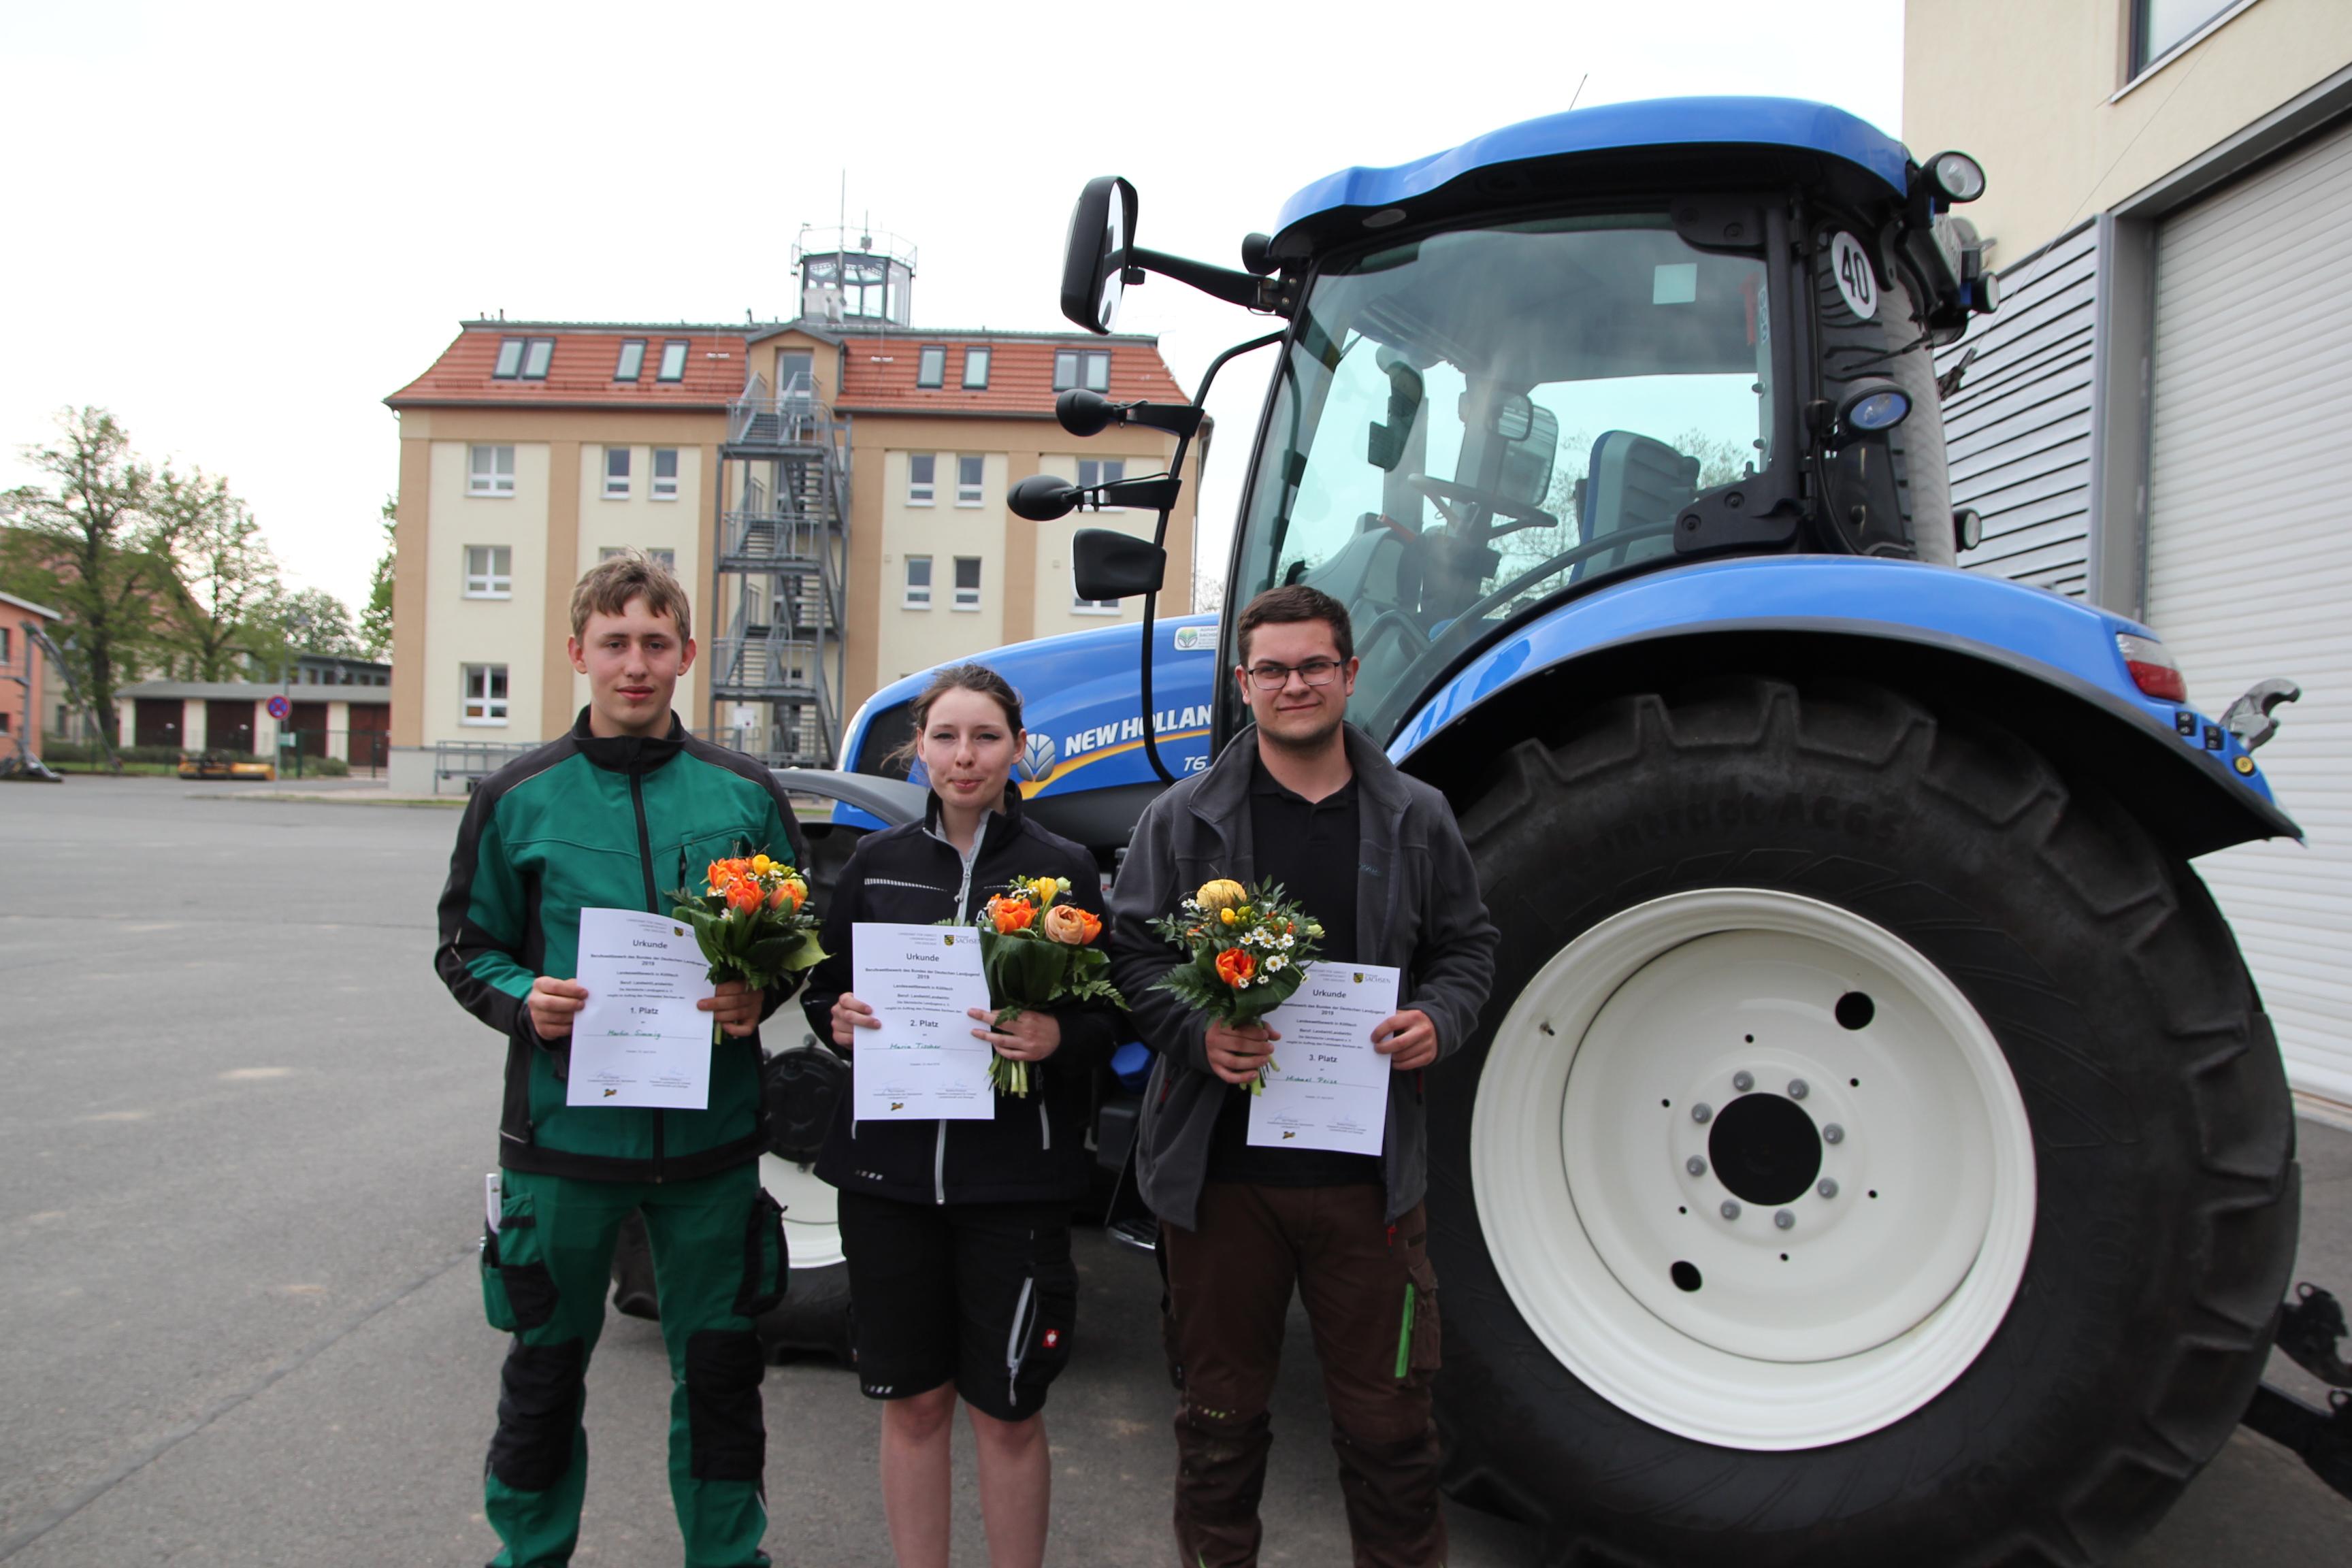 Martin Simmig, Maria Tischer und Michael Peise (v. links)